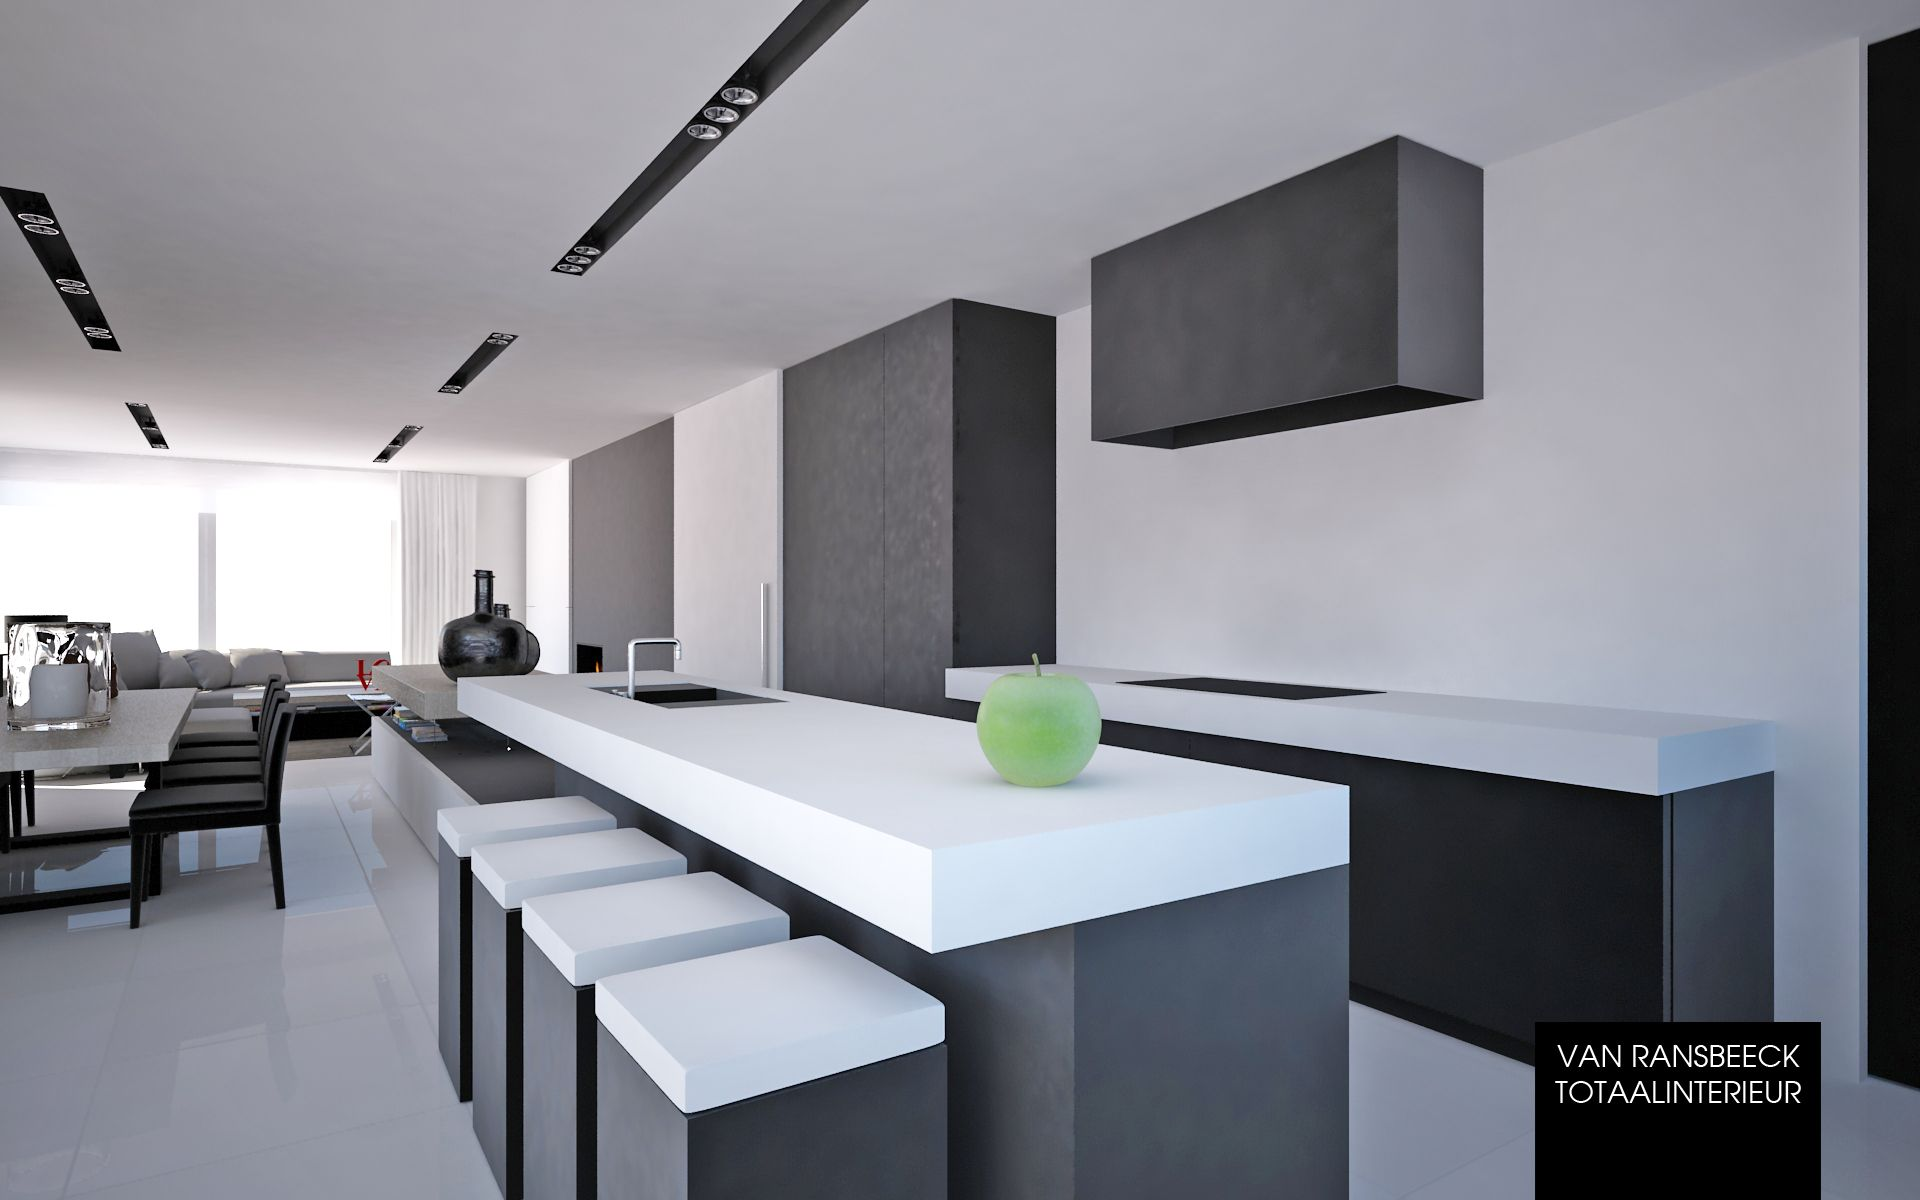 Project cra hedendaags interieur met doorlopend keukeneiland